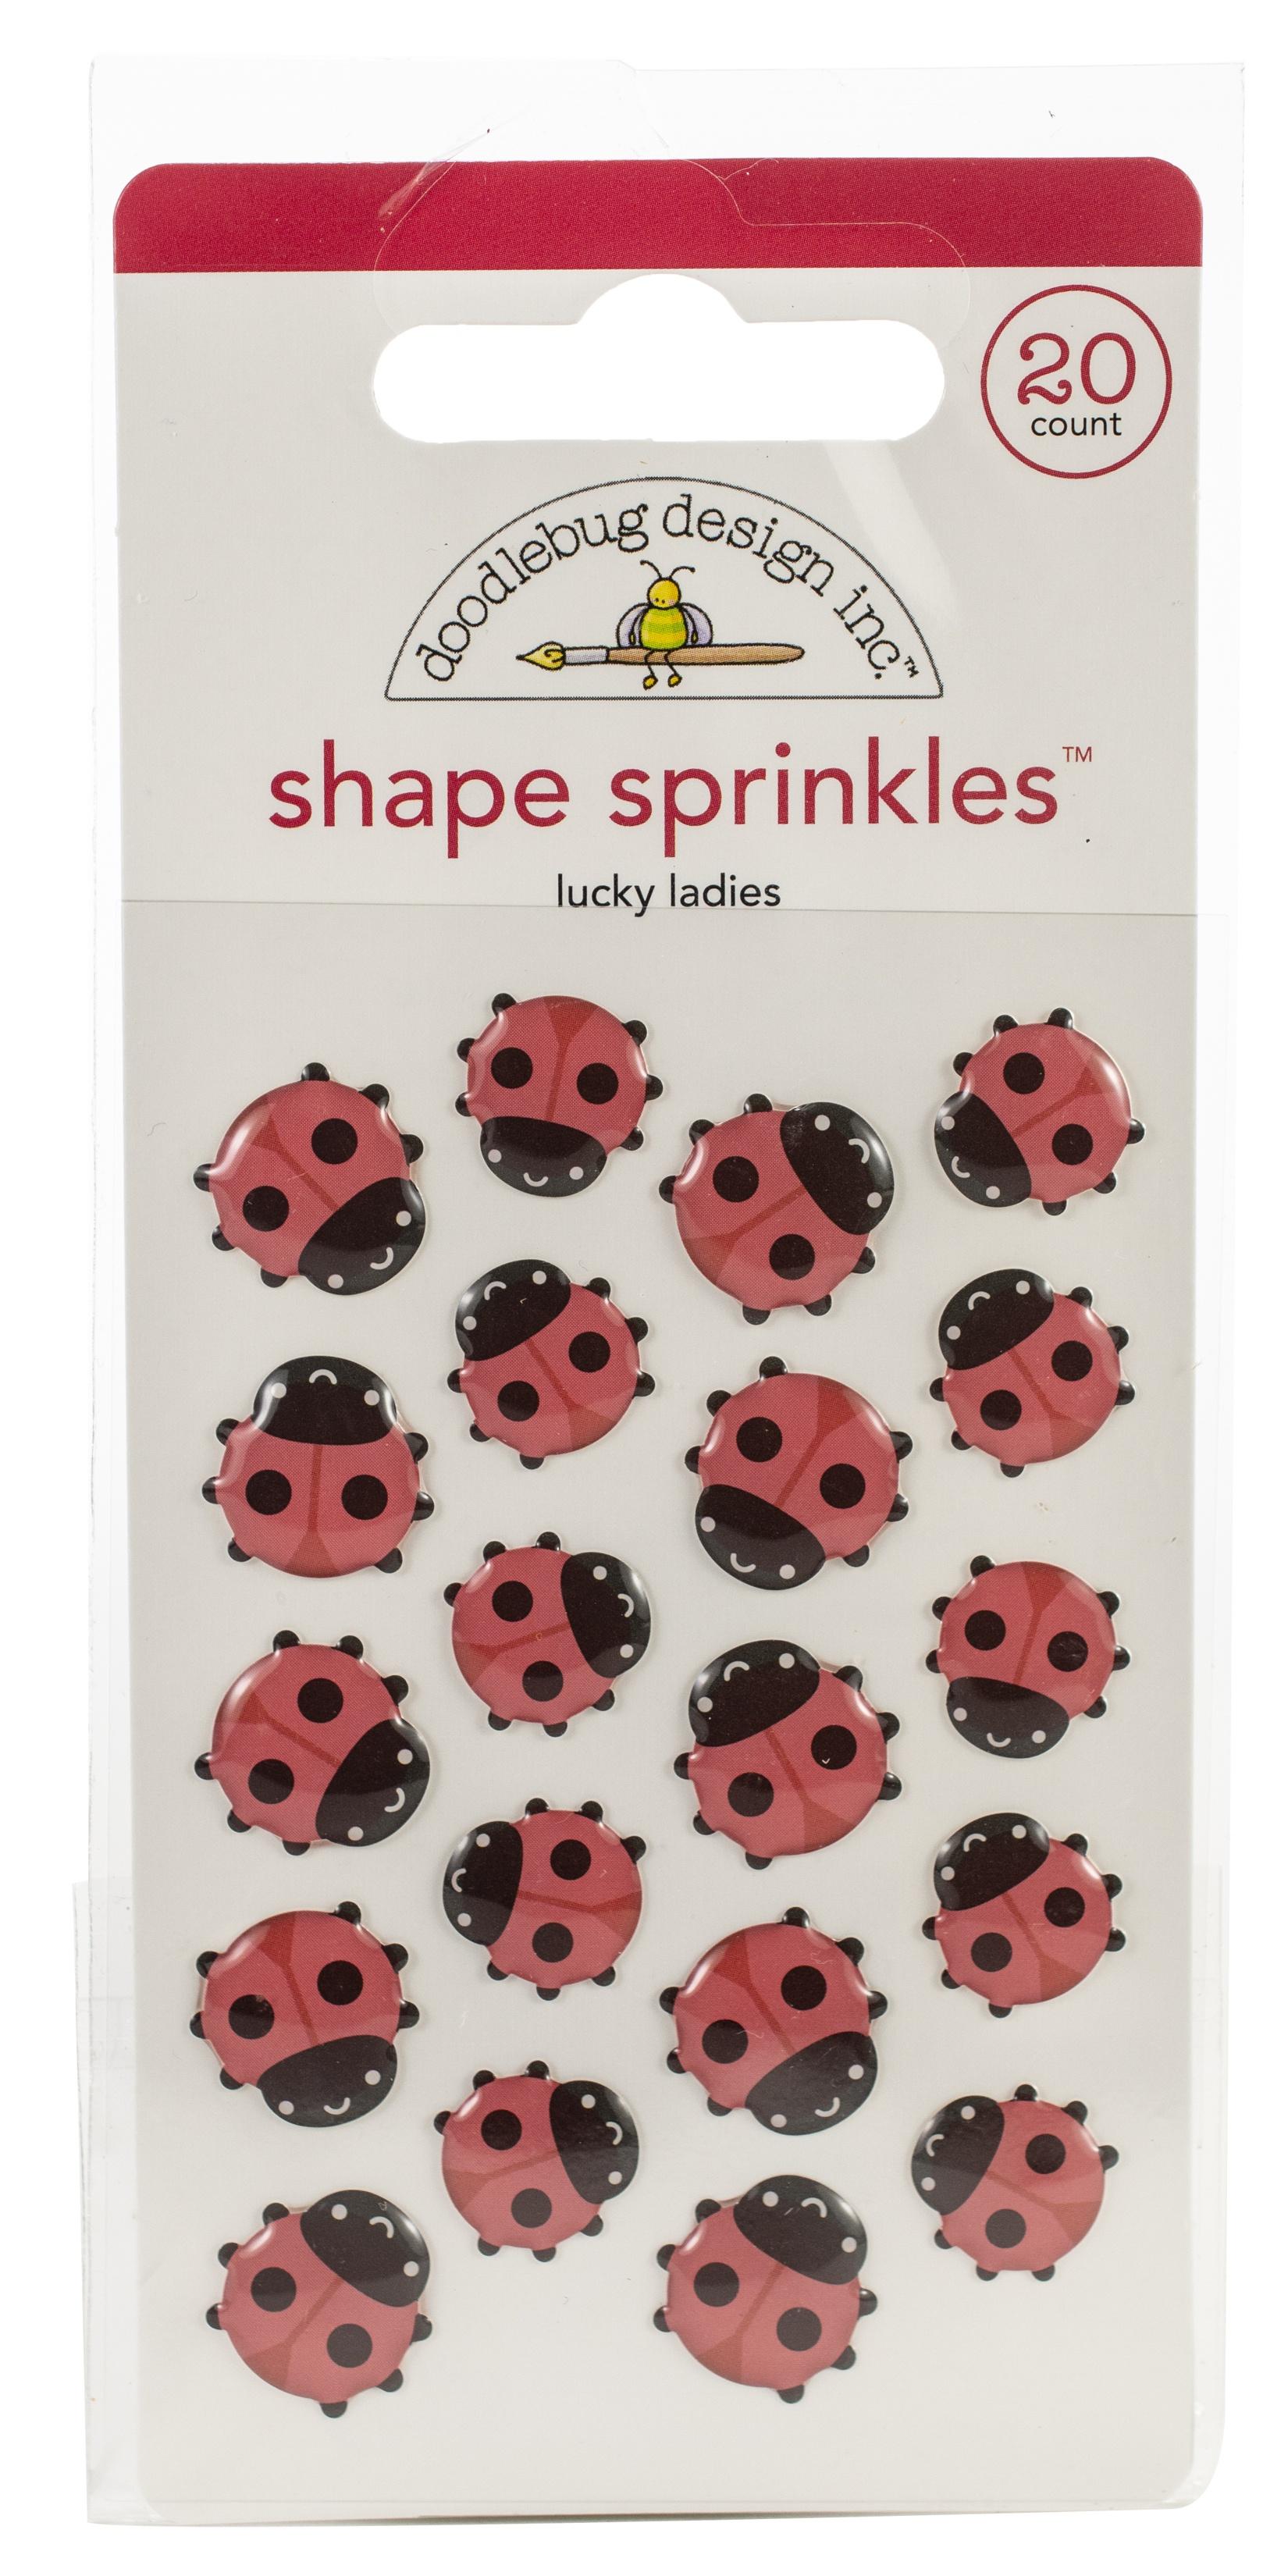 lucky ladies shape sprinkles